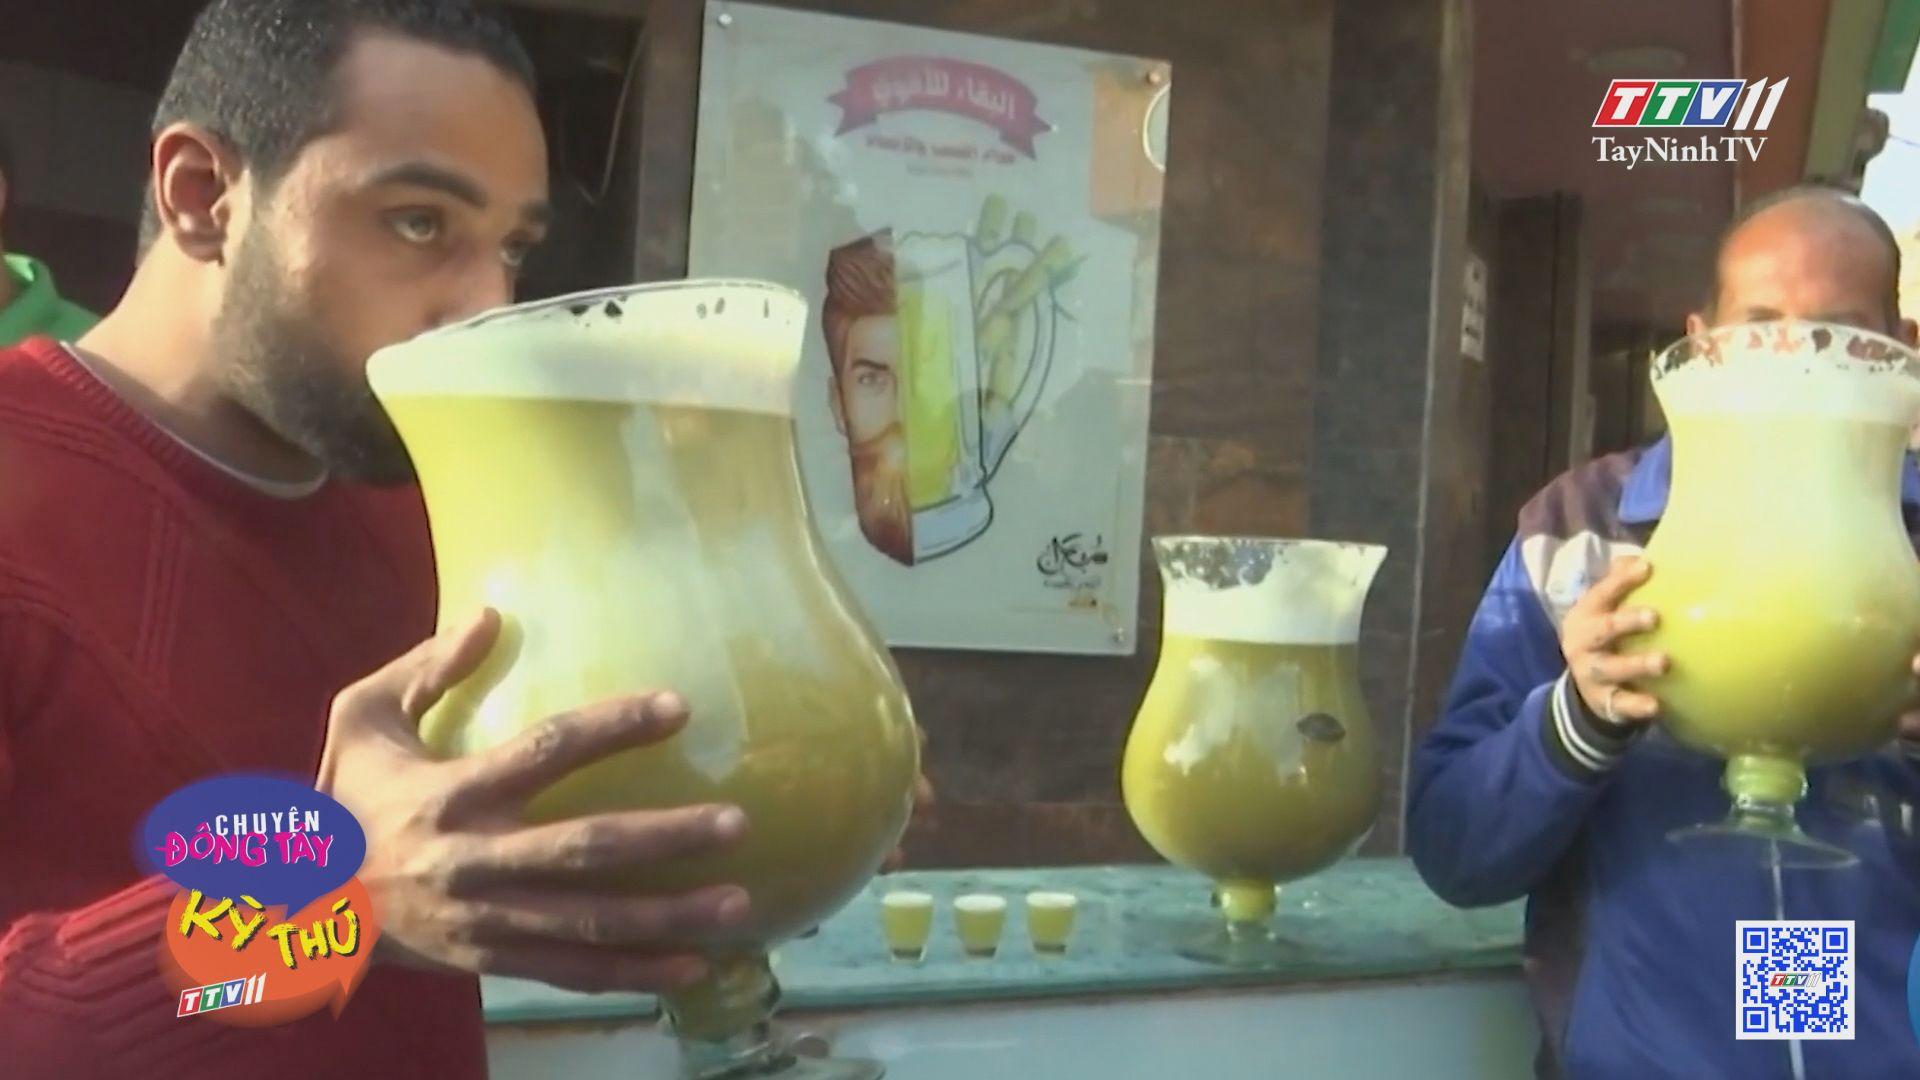 Thách thức UỐNG 12 lít nước mía | CHUYỆN ĐÔNG TÂY KỲ THÚ | TayNinhTVE